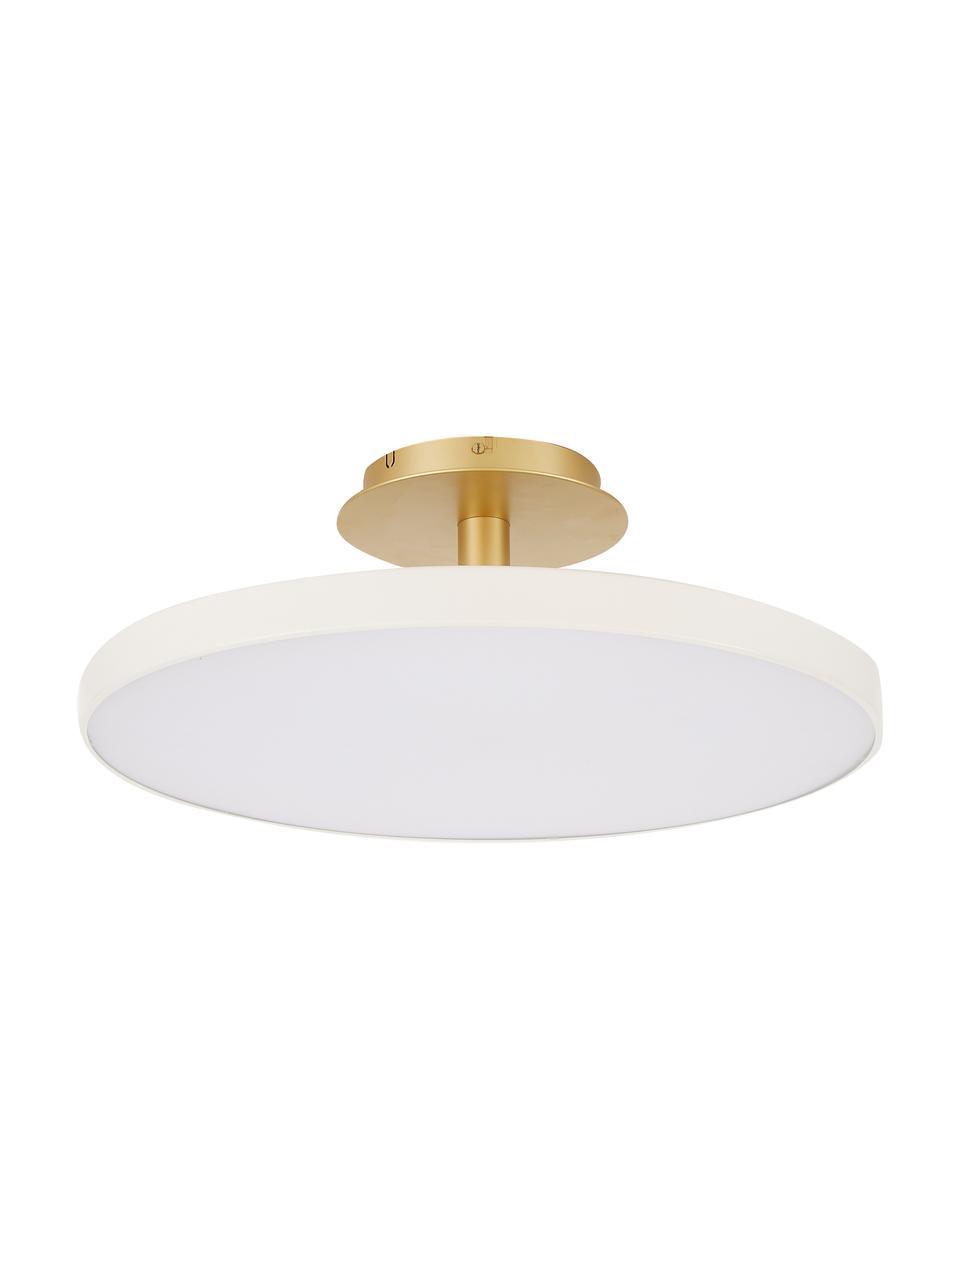 Plafonnier LED design Asteria, Blanc crème, couleur dorée